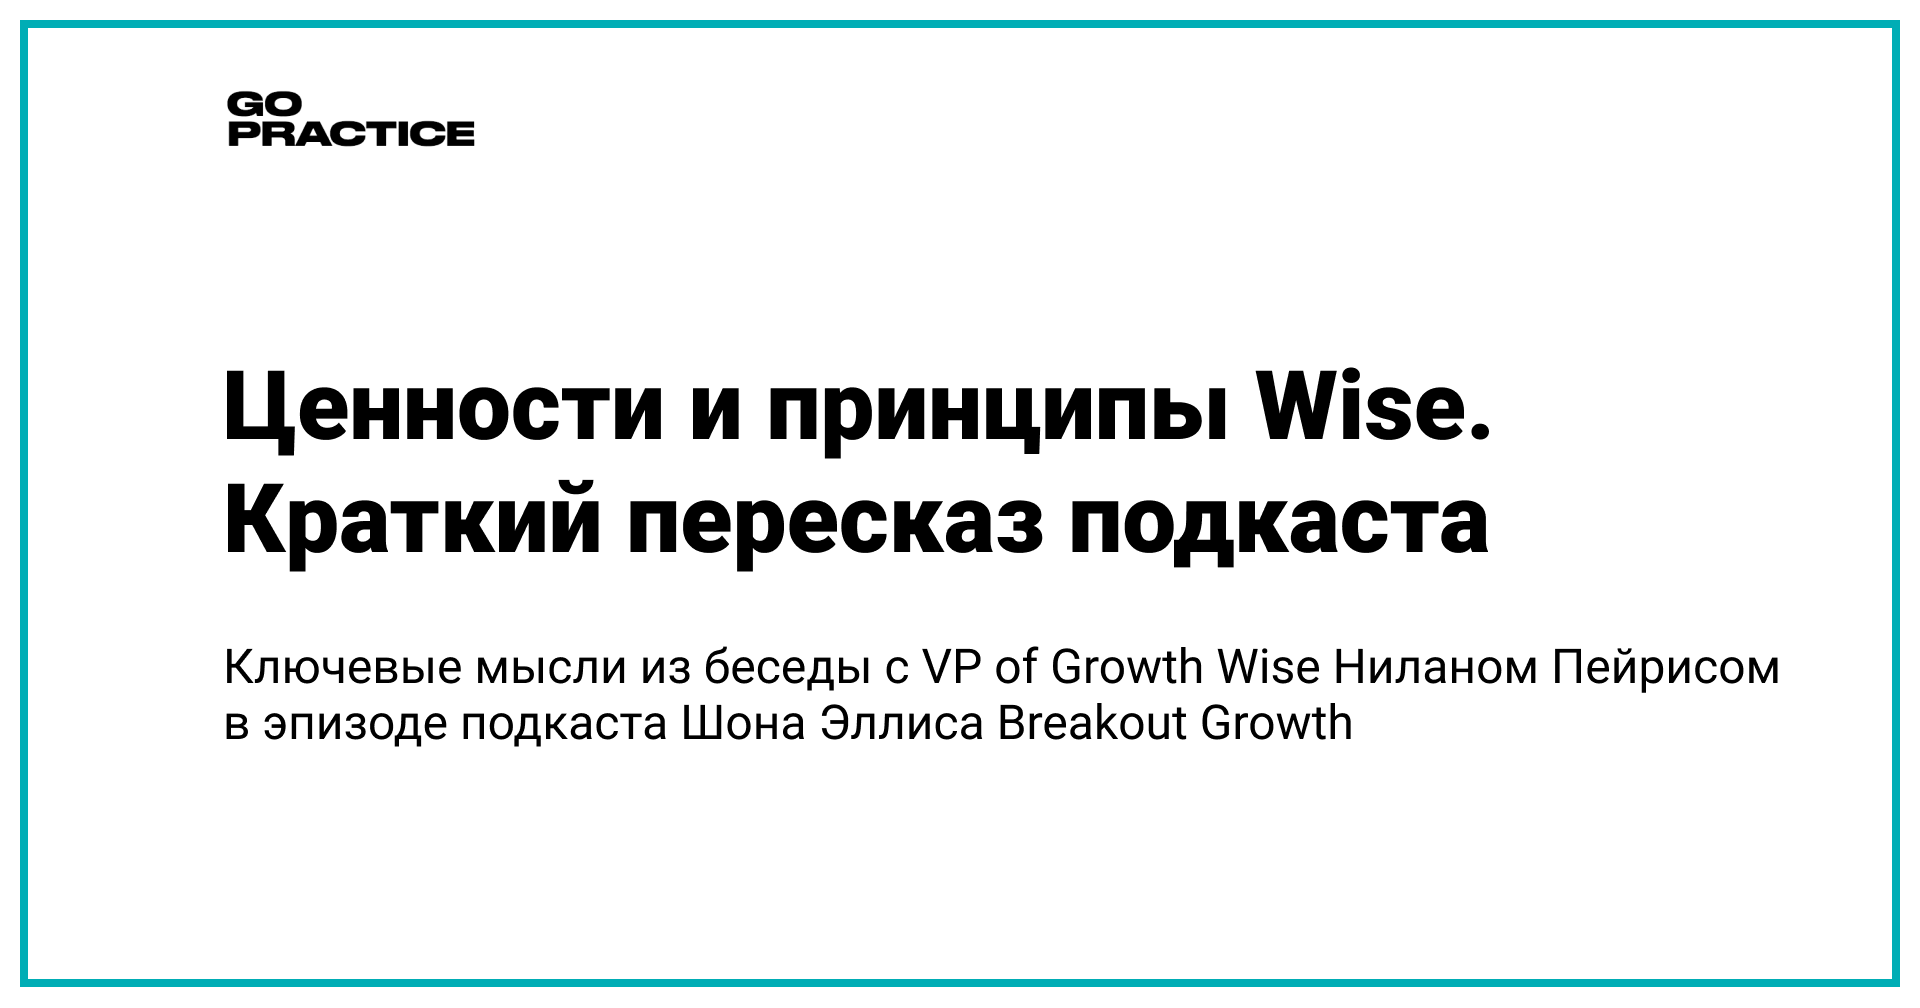 Ценности и принципы Wise. Краткий пересказ эпизода подкаста Шона Эллиса Breakout Growth